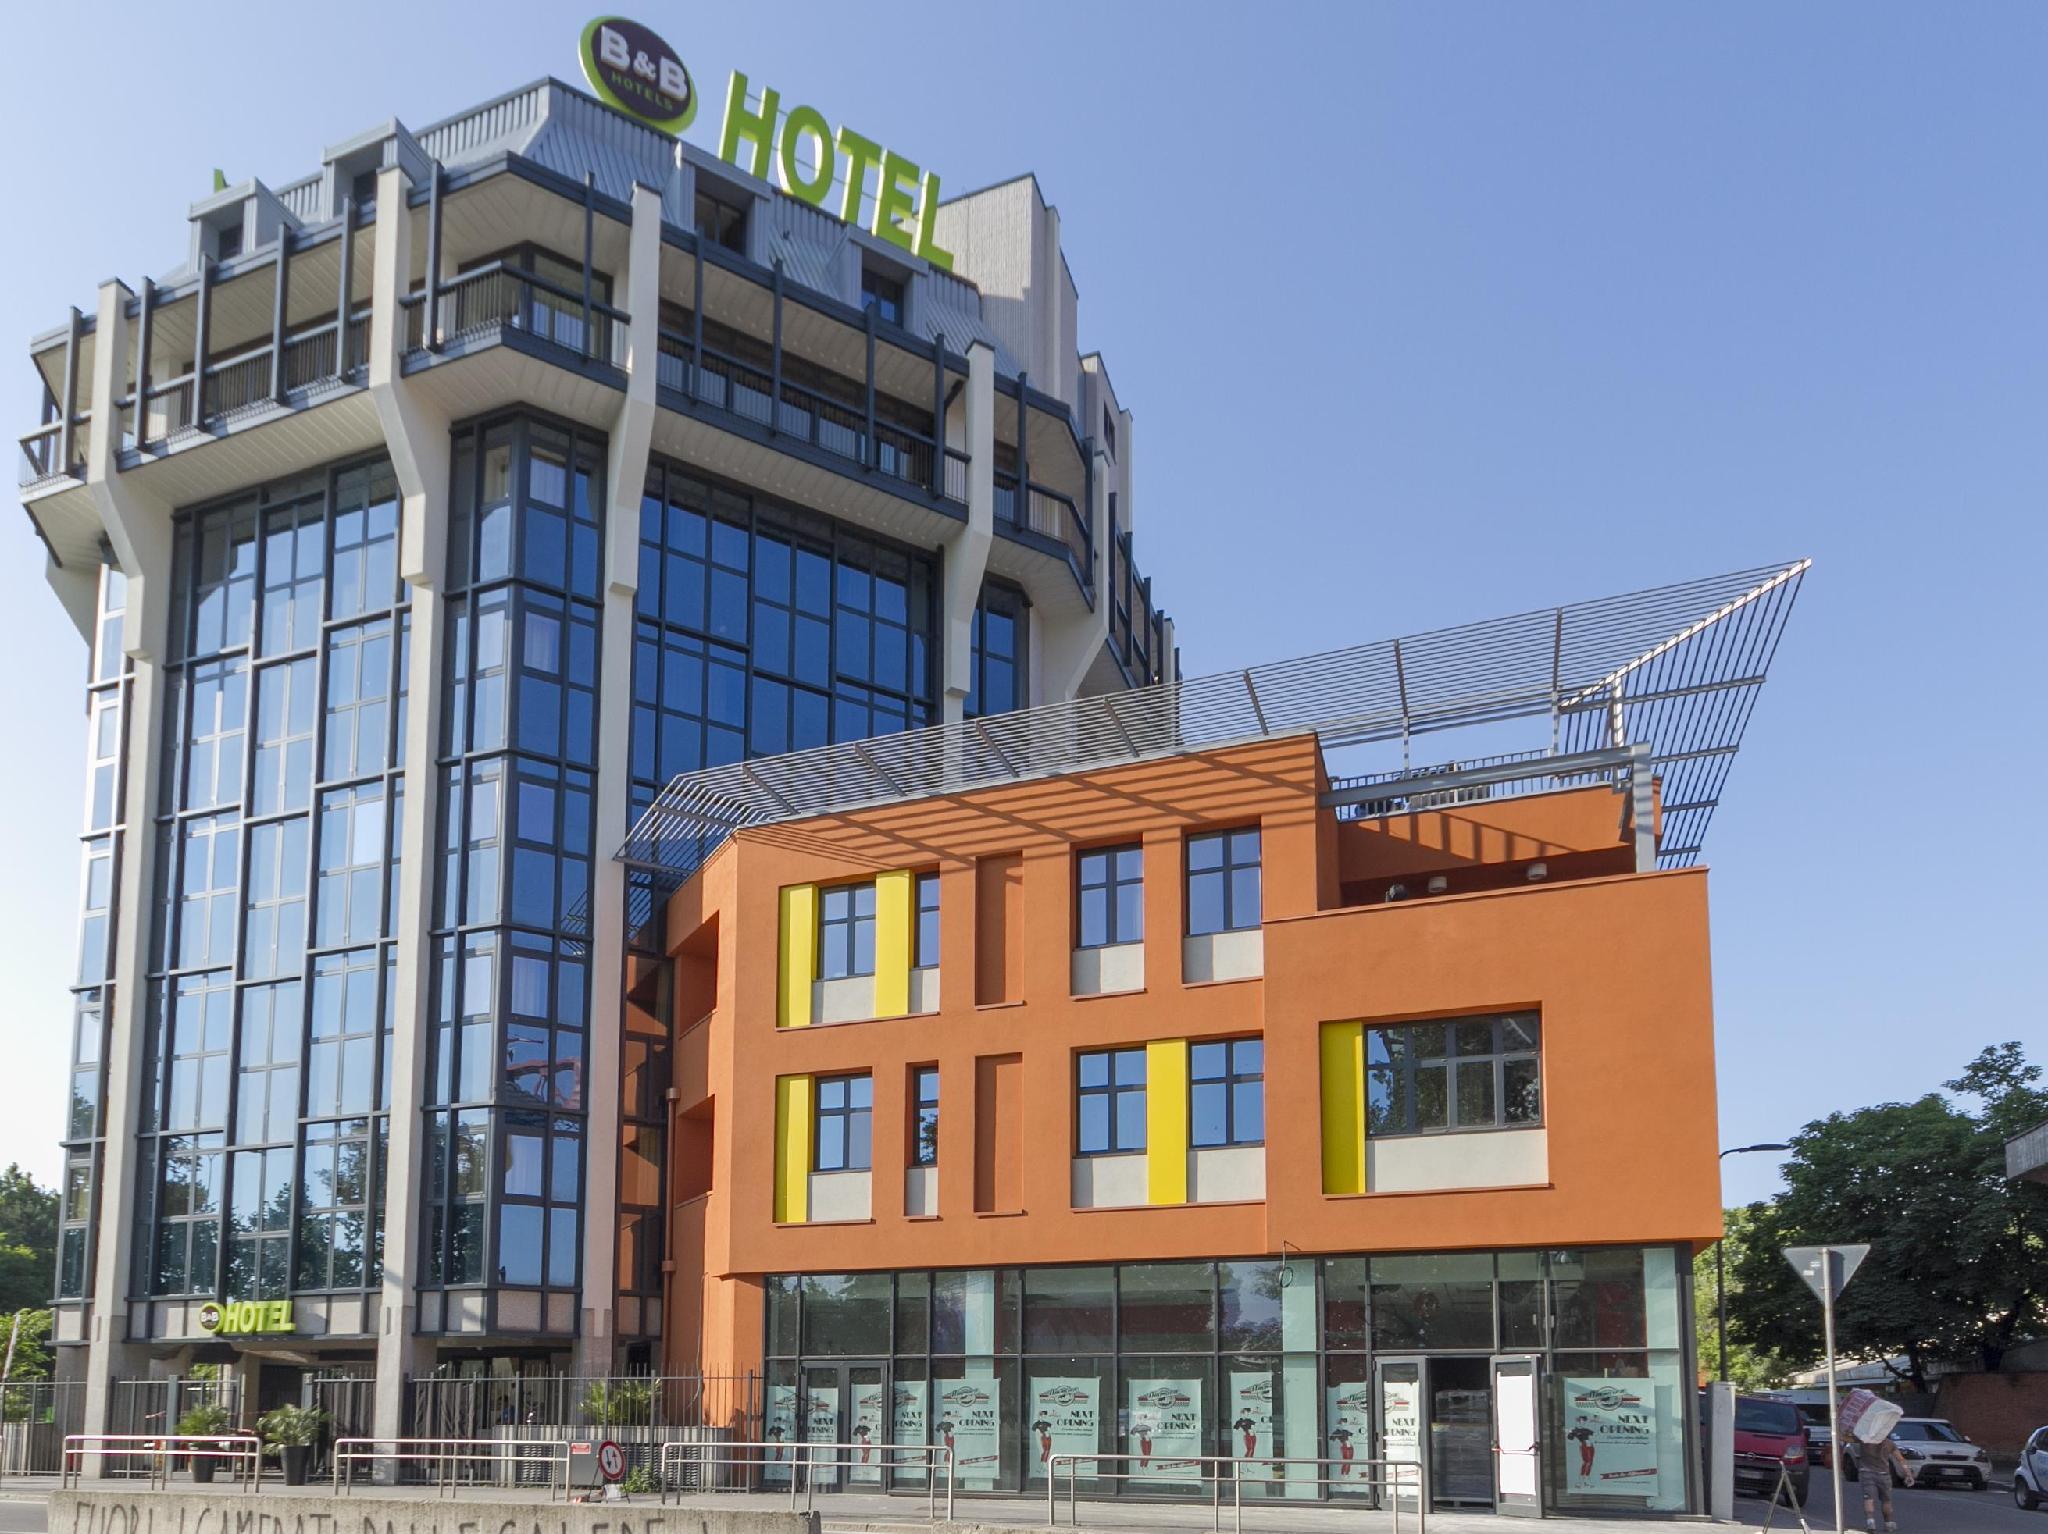 BandB Hotel Milano San Siro